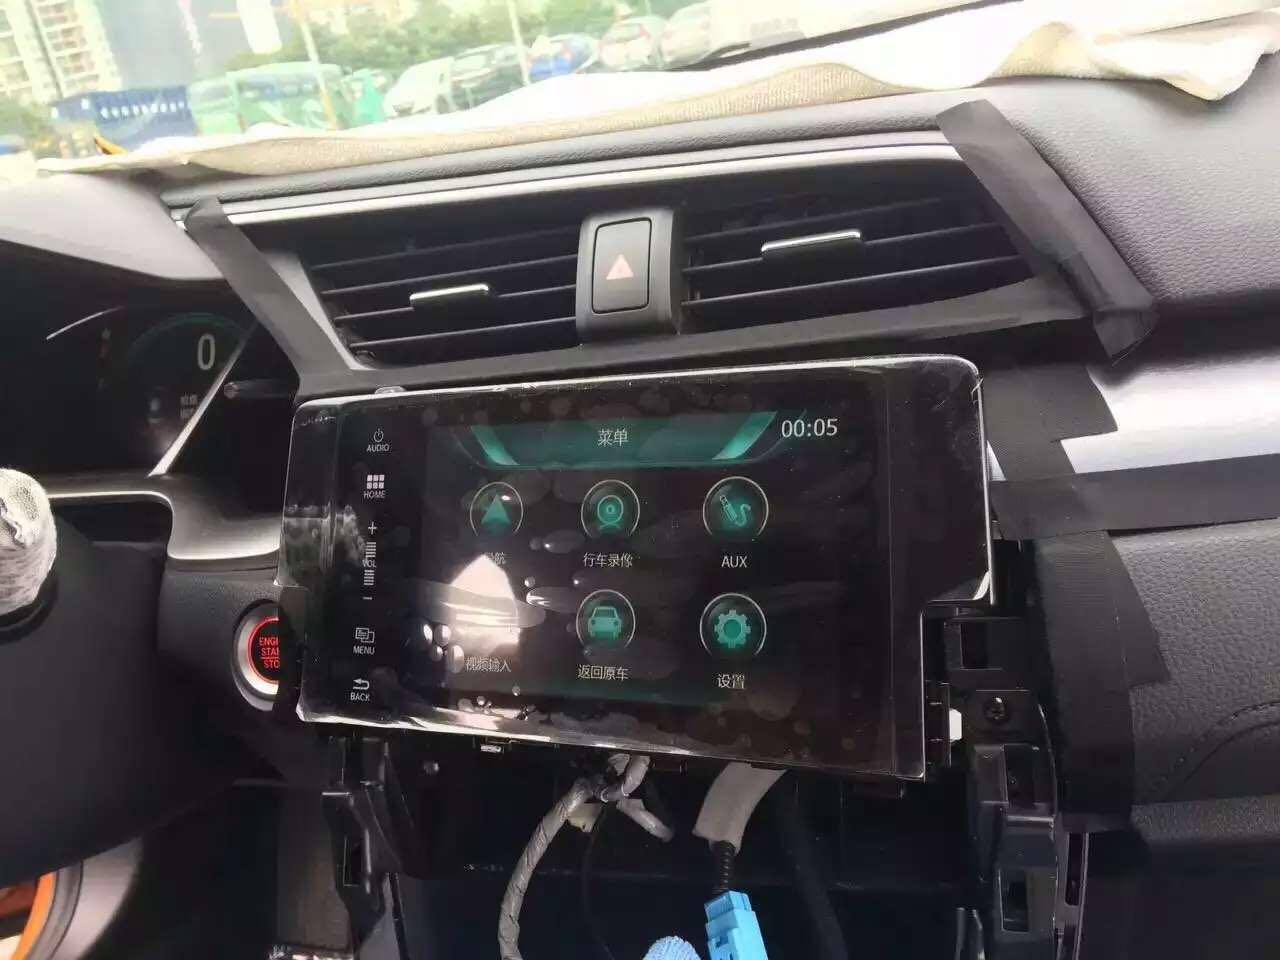 昂克赛拉大屏,长安CX70,威朗GS7寸,锐界大屏,别克新GL8,高清图片